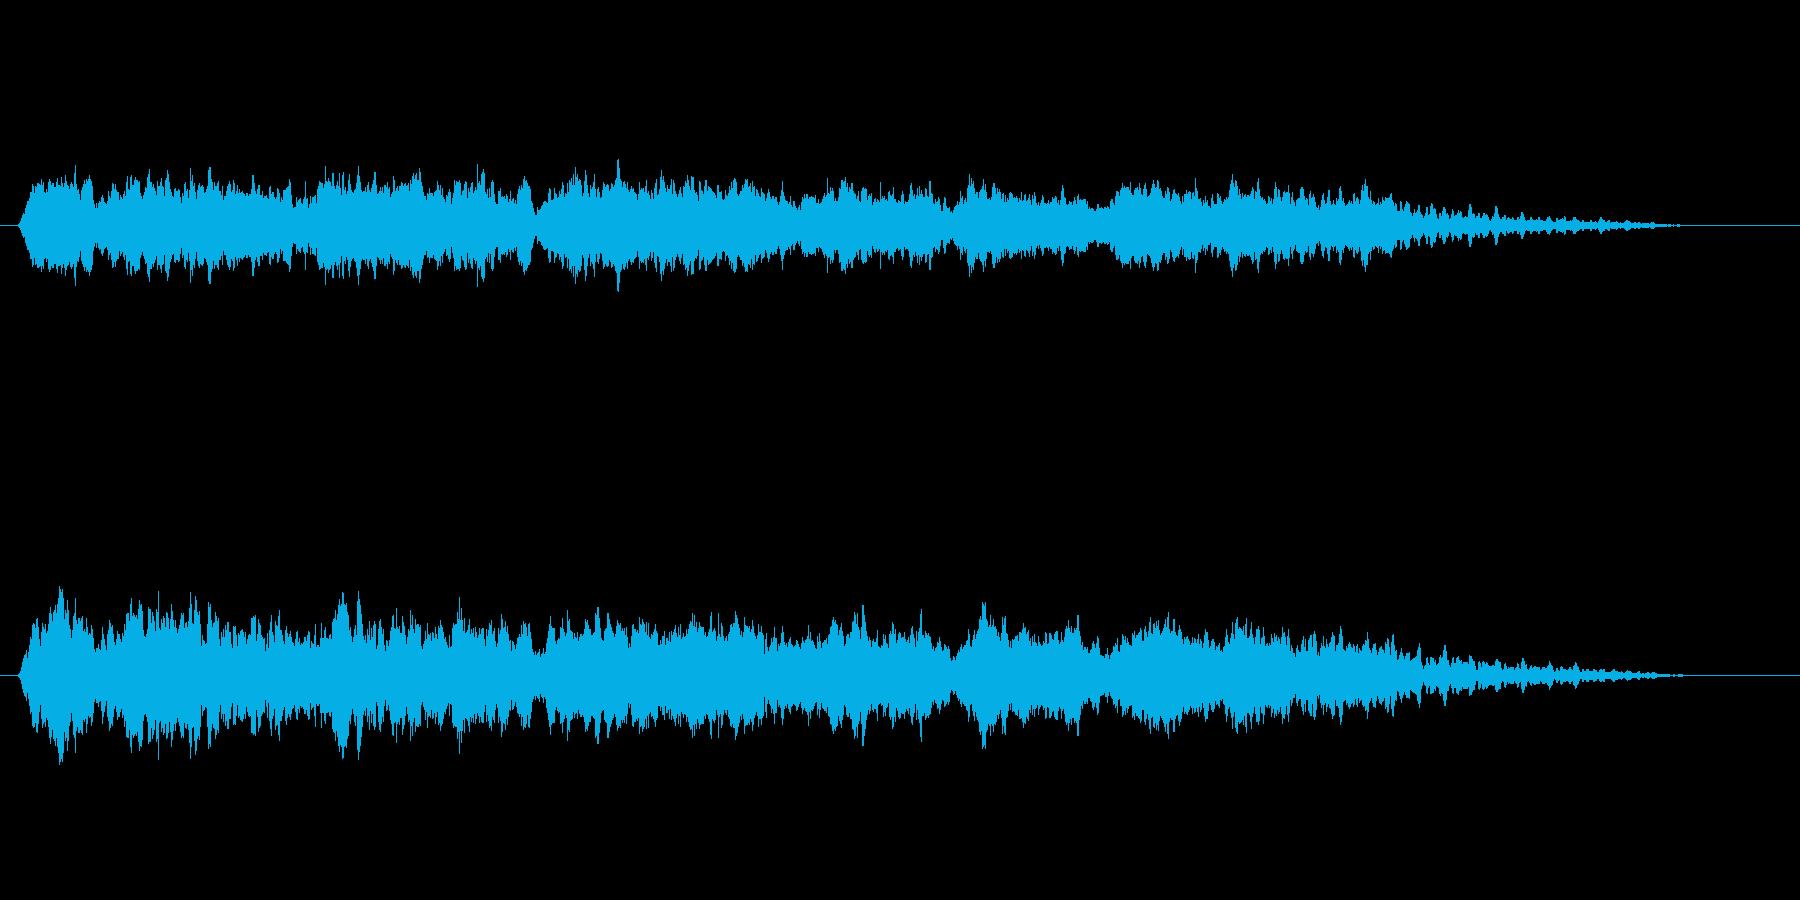 幻想的な環境音楽風の再生済みの波形